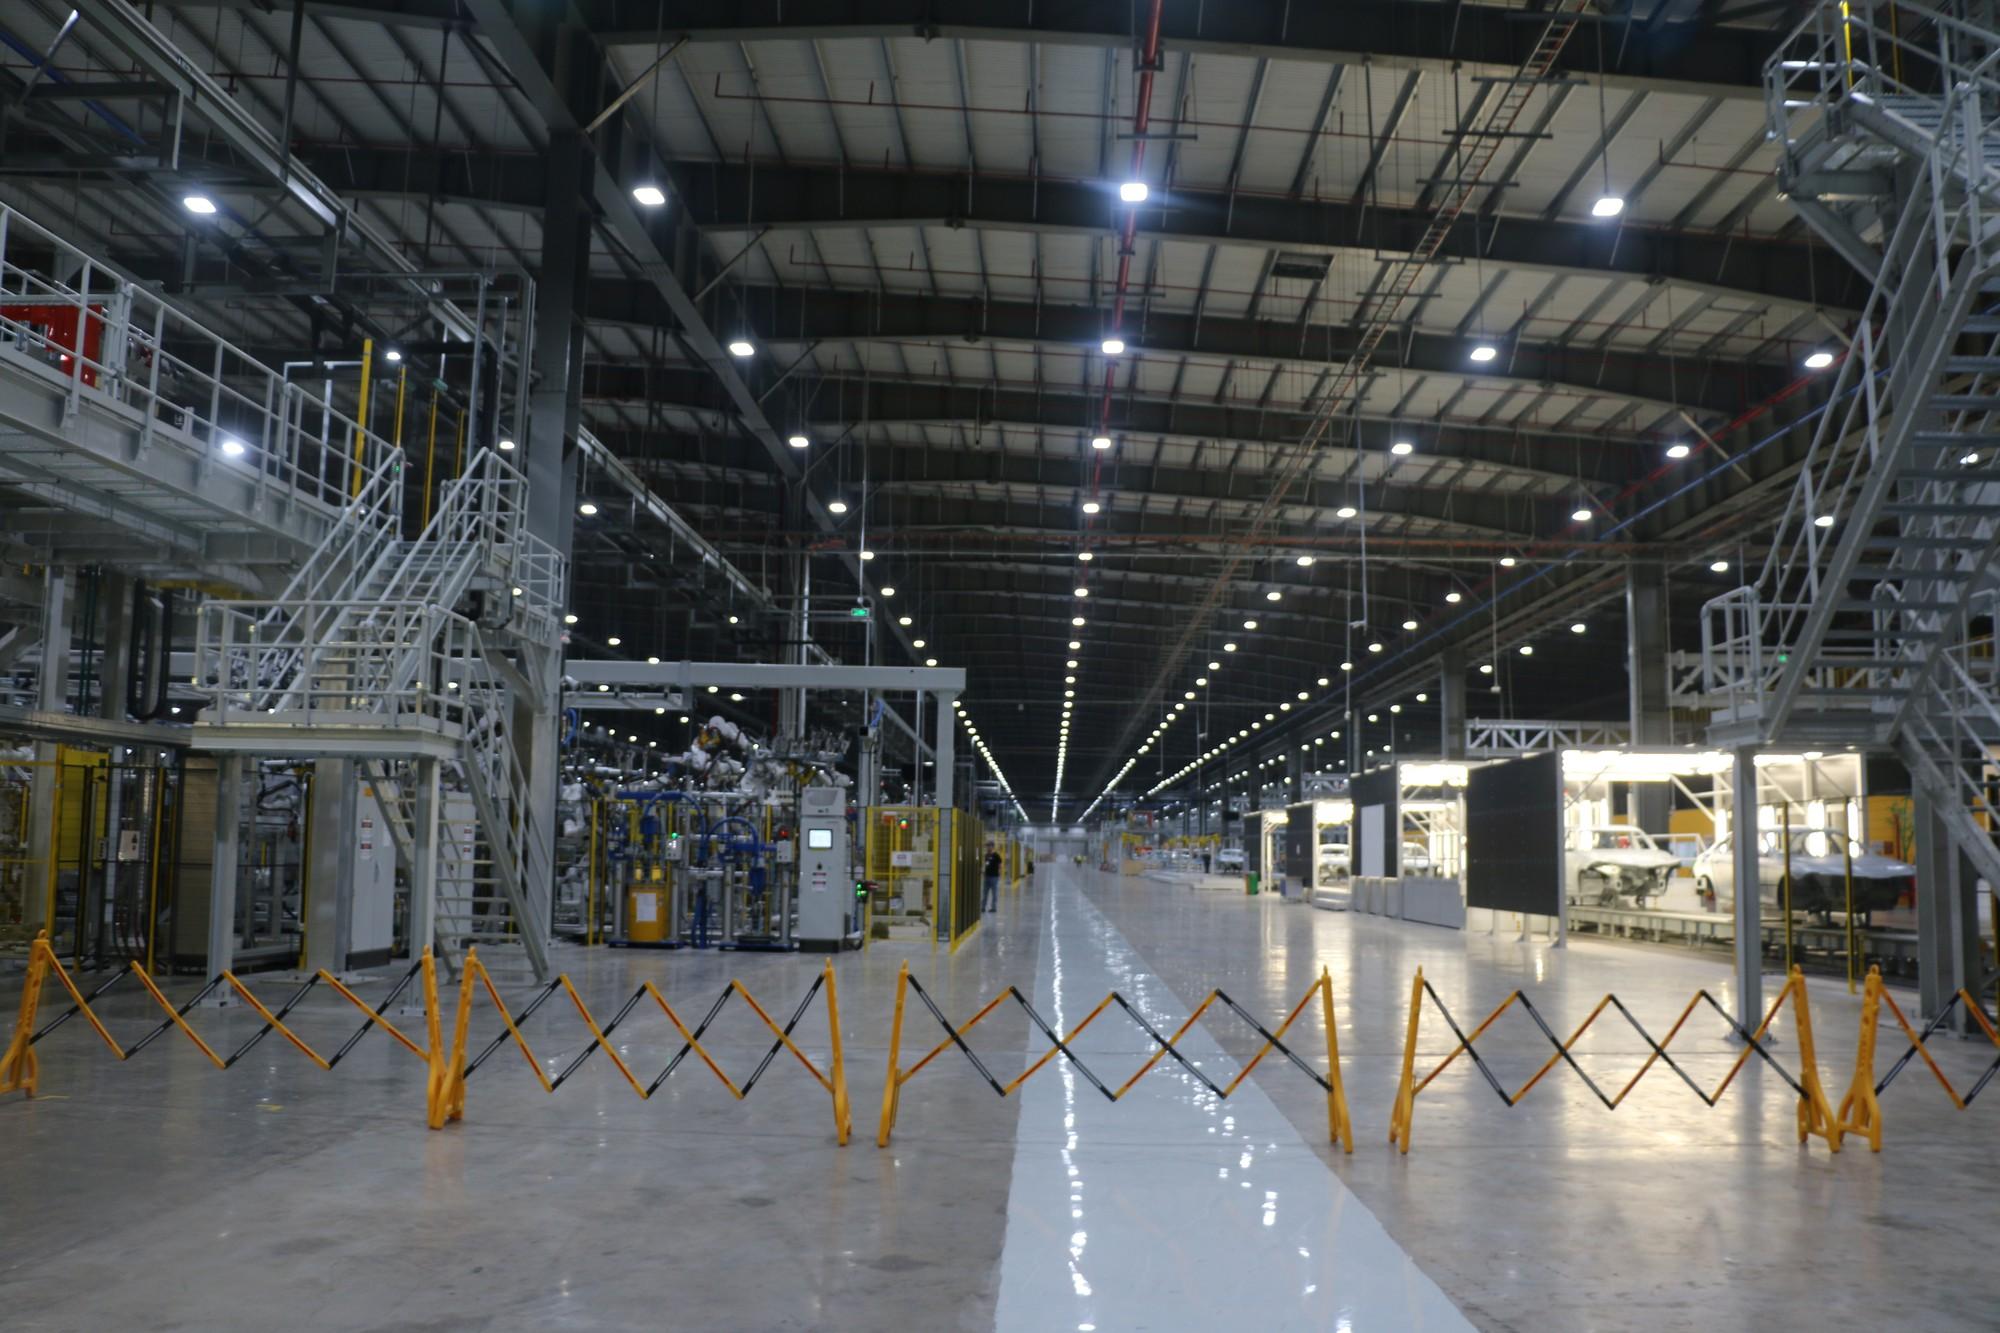 Xem quy trình lắp ráp ôtô VinFast trước ngày đi vào sản xuất thương mại - Ảnh 2.